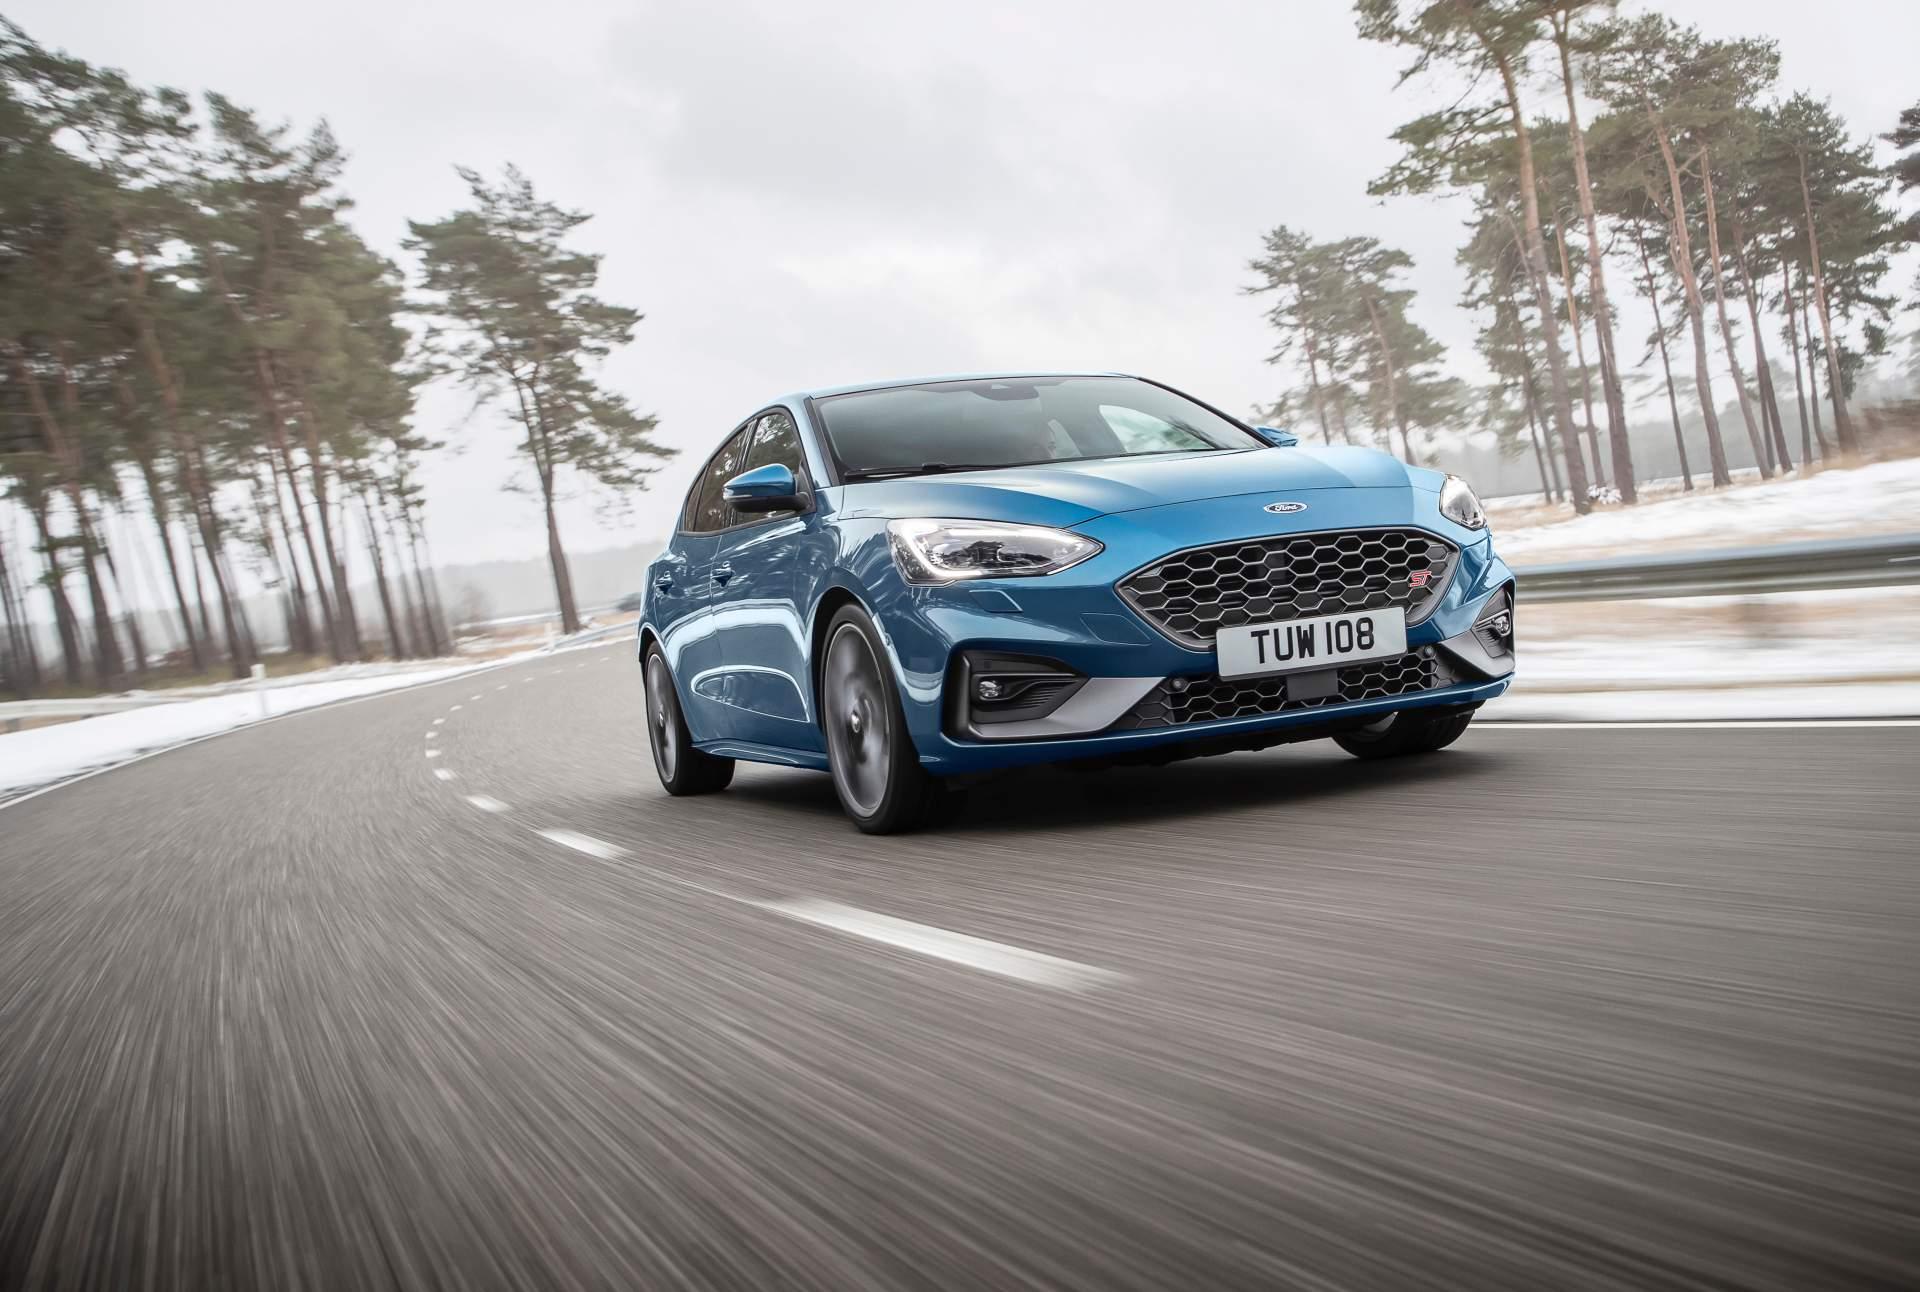 Ford revela versão ST do Focus com motor 2.3 litros e 280 CV